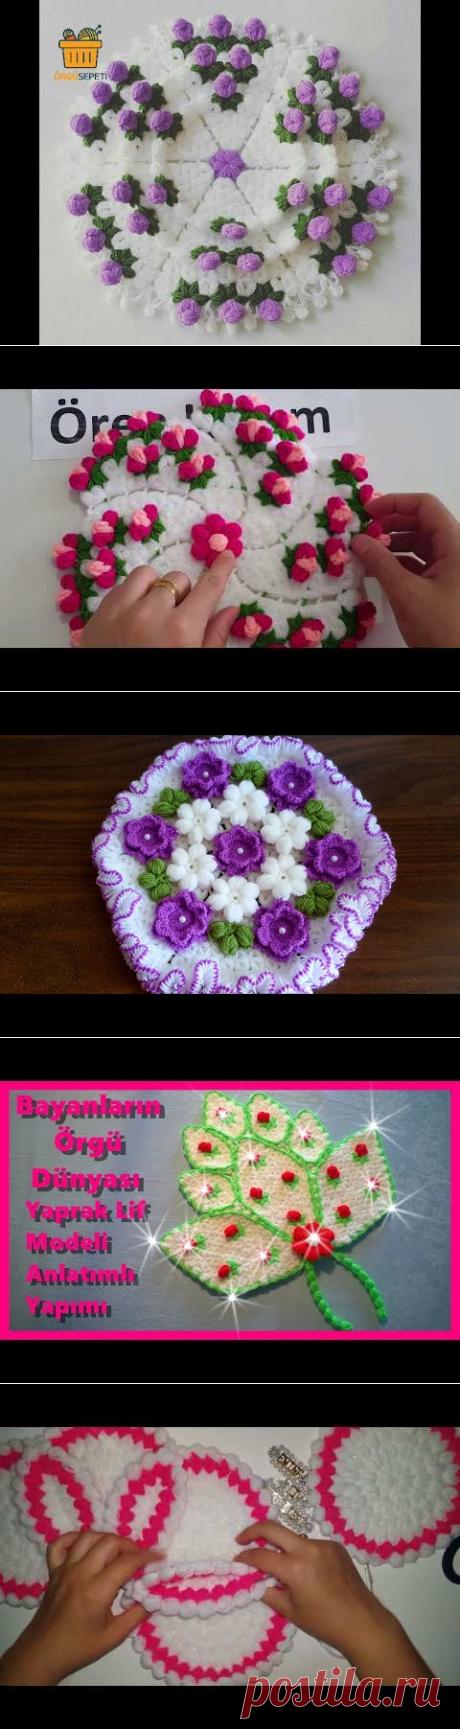 Dört Boyutlu Çiçek Lifi Anlatıml ı baştan sona - YouTube